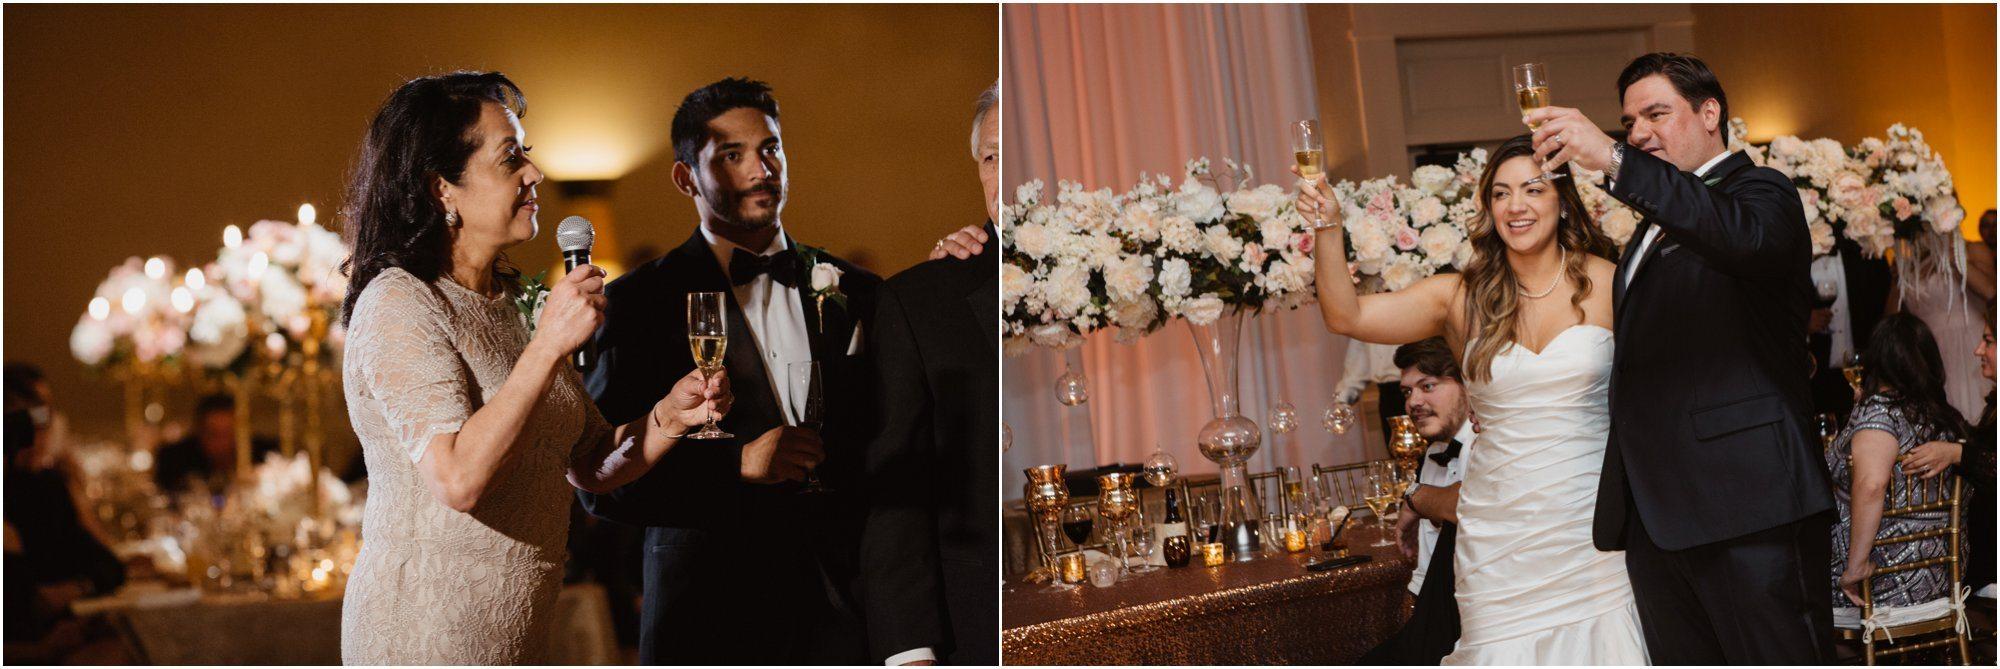 0054albuquerque-wedding-photographer_-santa-fe-wedding-photography_blue-rose-studio